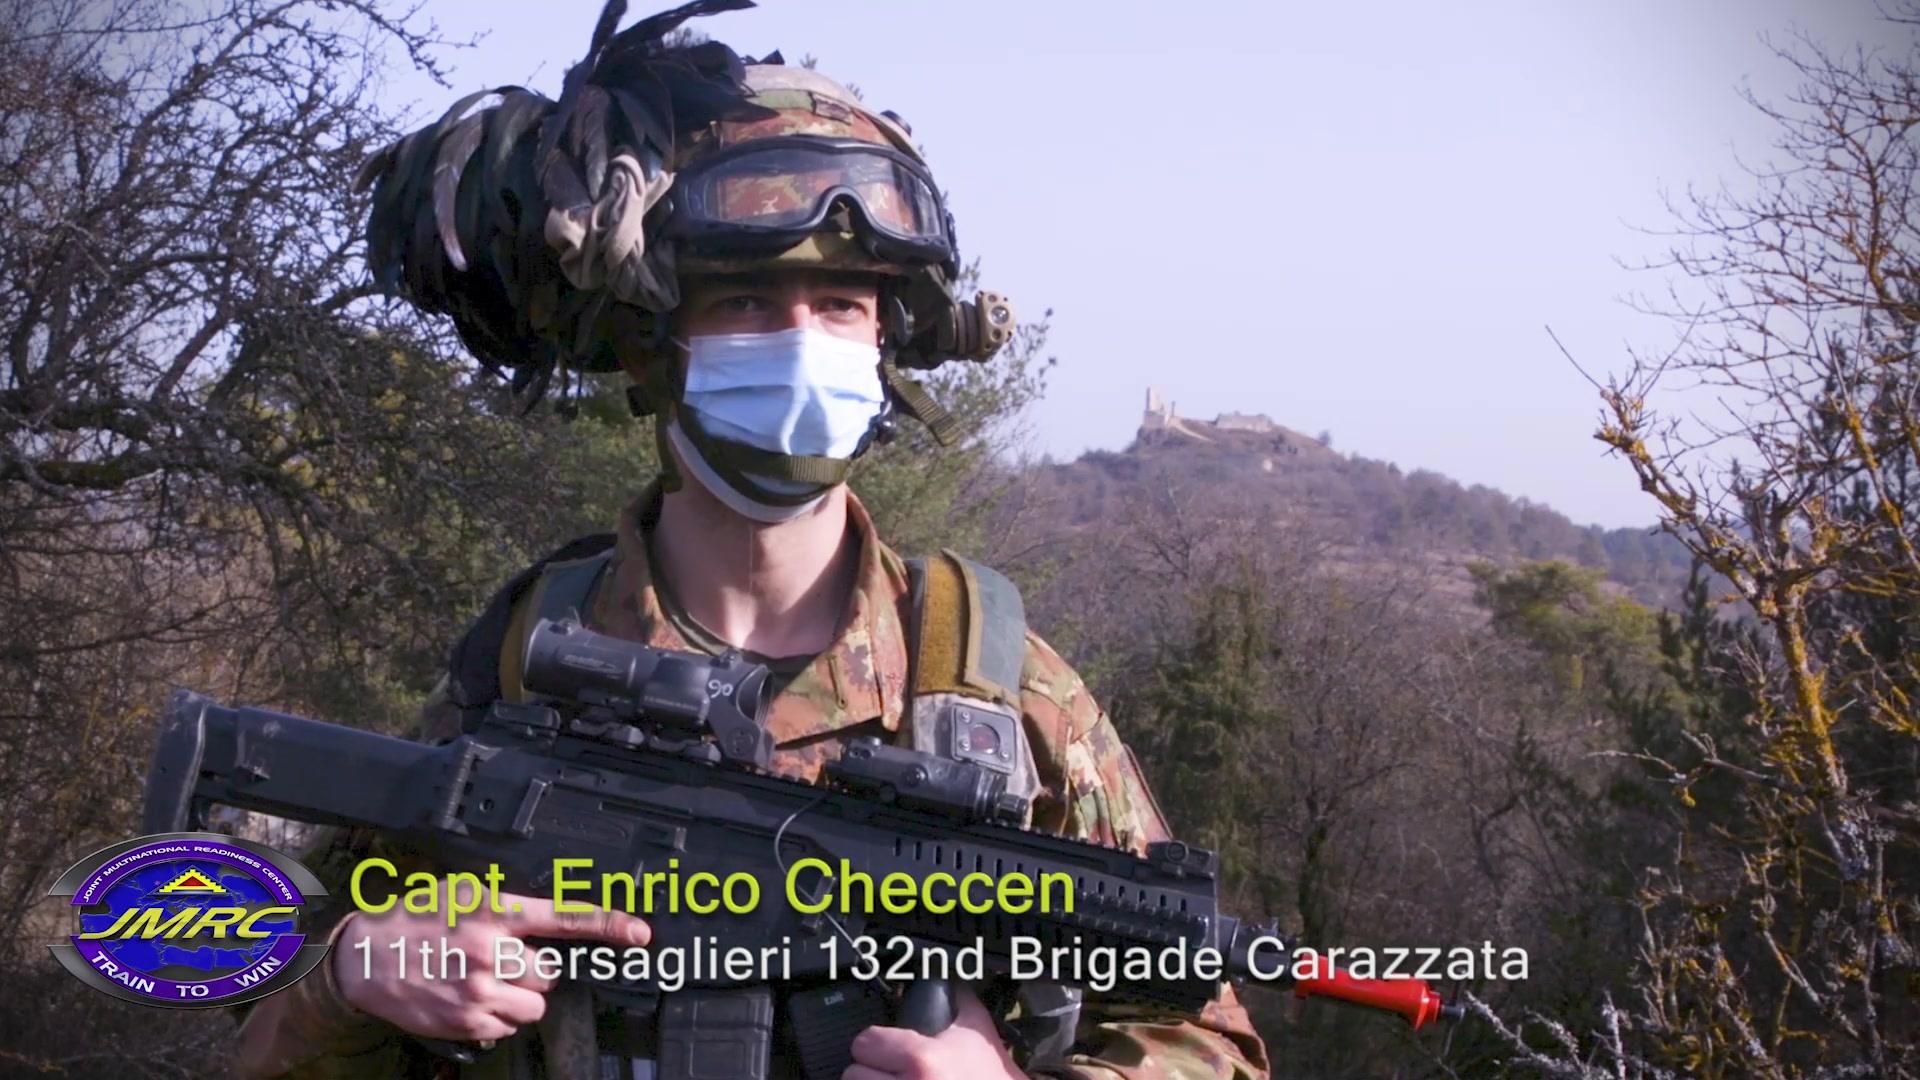 Italian Interoperability at Combined Resolve XV